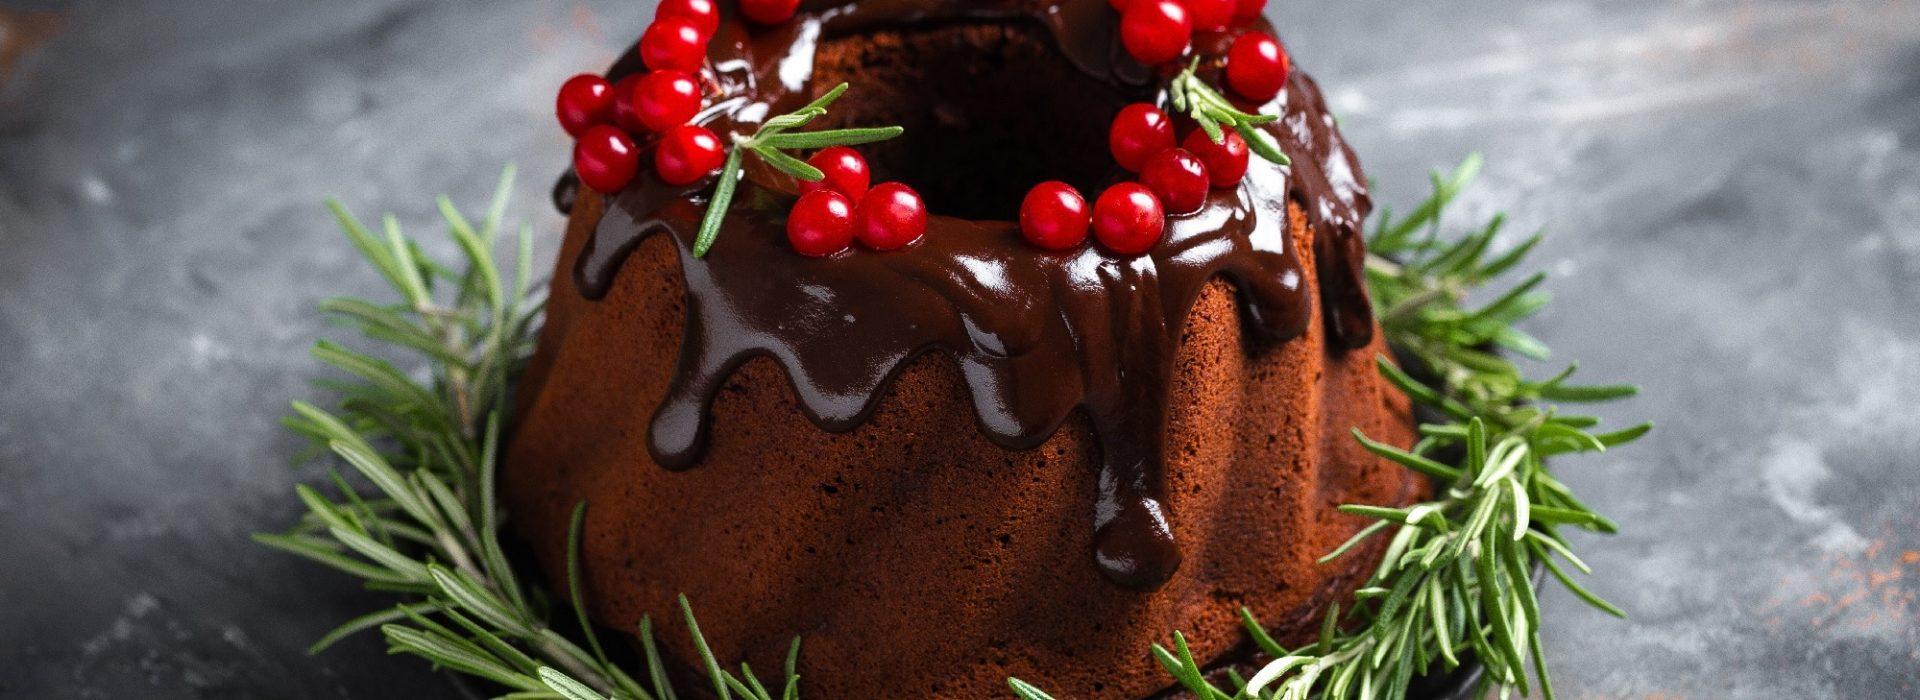 Bundt Cake Blog Image. Image du Blog gâteau Bundt.